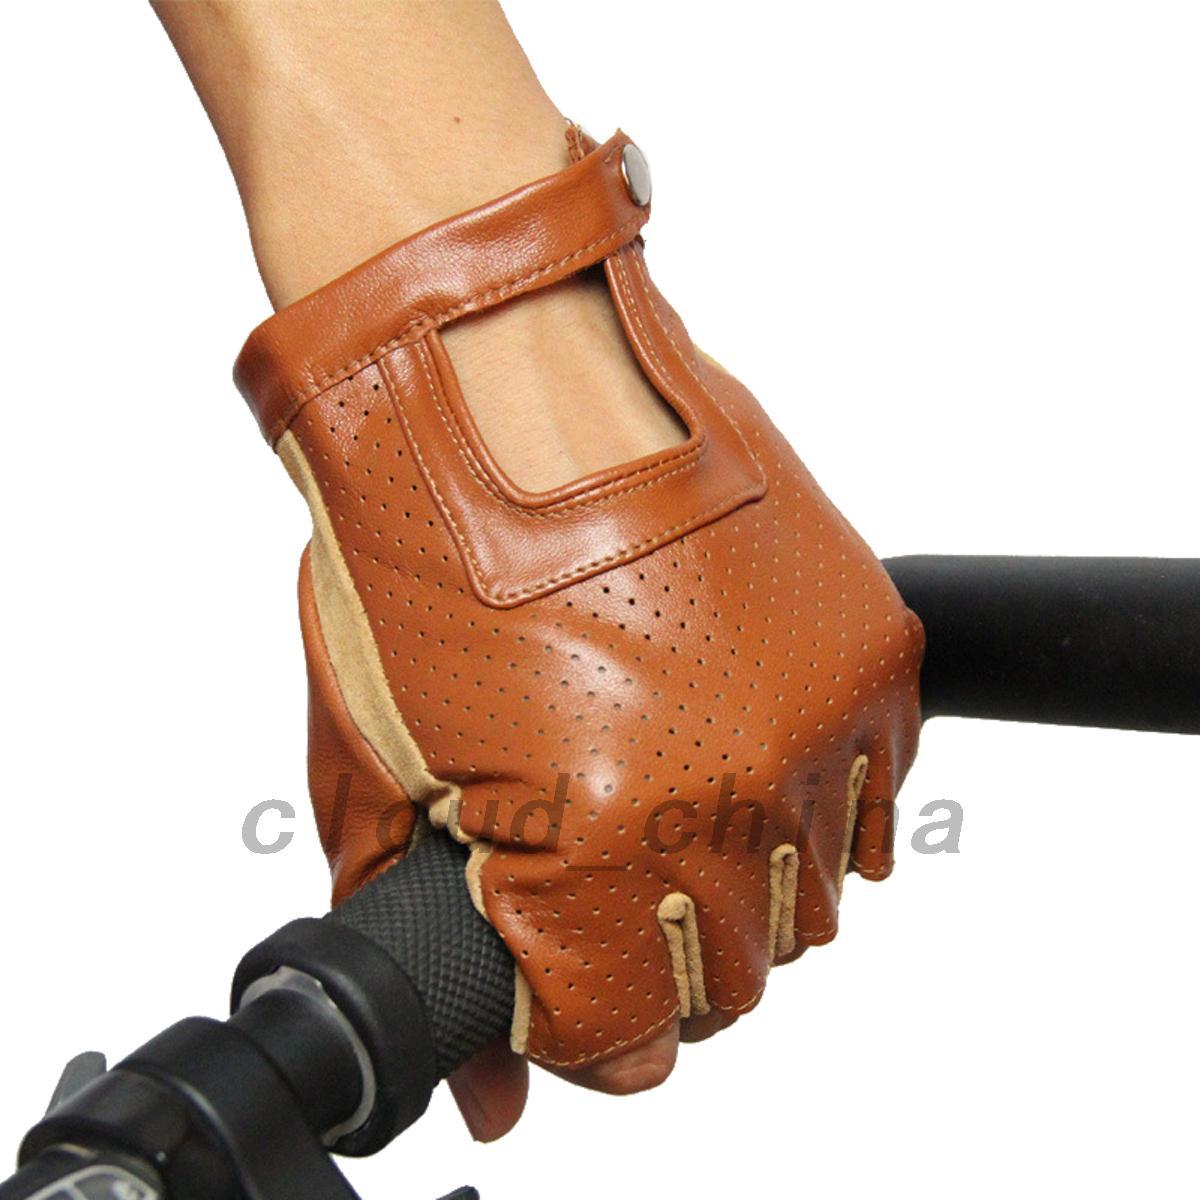 Fingerless driving gloves ebay - Genuine Leather Sheepskin Fingerless Cycling Driving Gloves Motorcycle